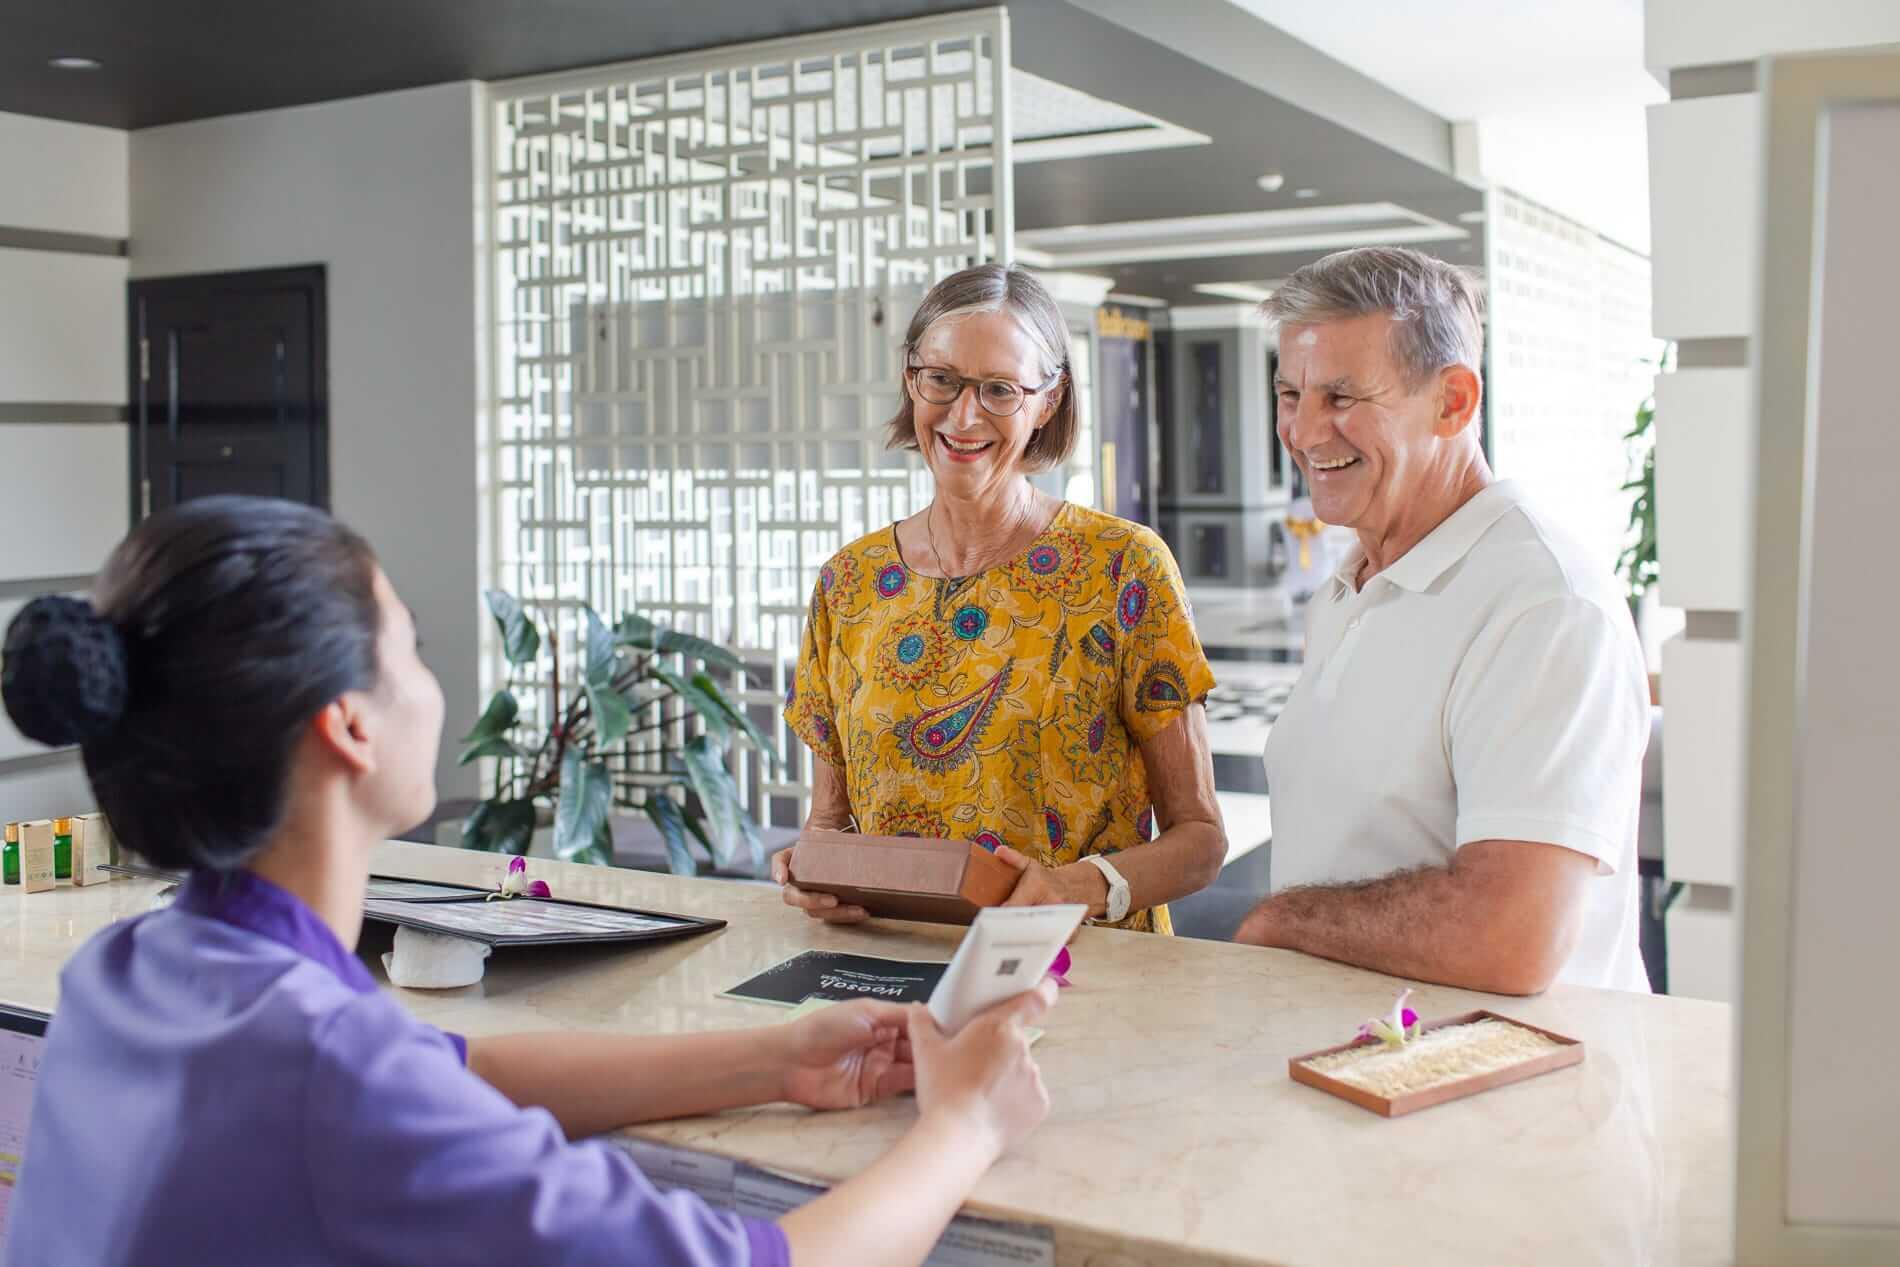 Staff at Woosah talks to clients